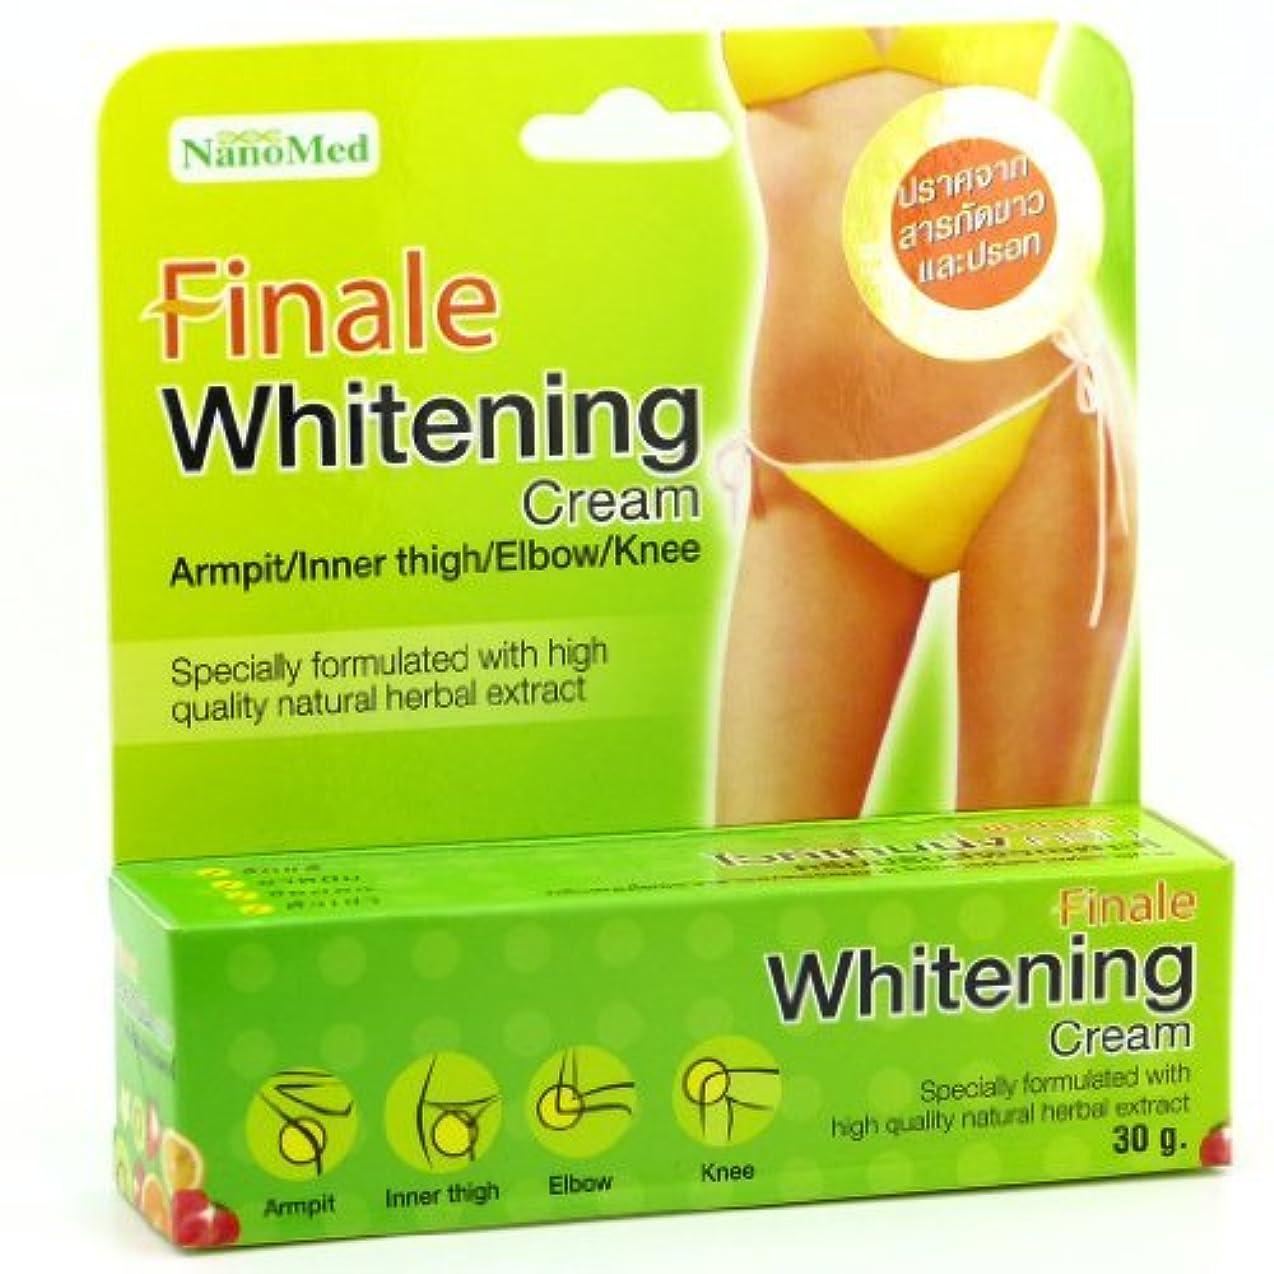 ブラスト個人的なさせる?????????????????? Finale Whitening Cream 30g